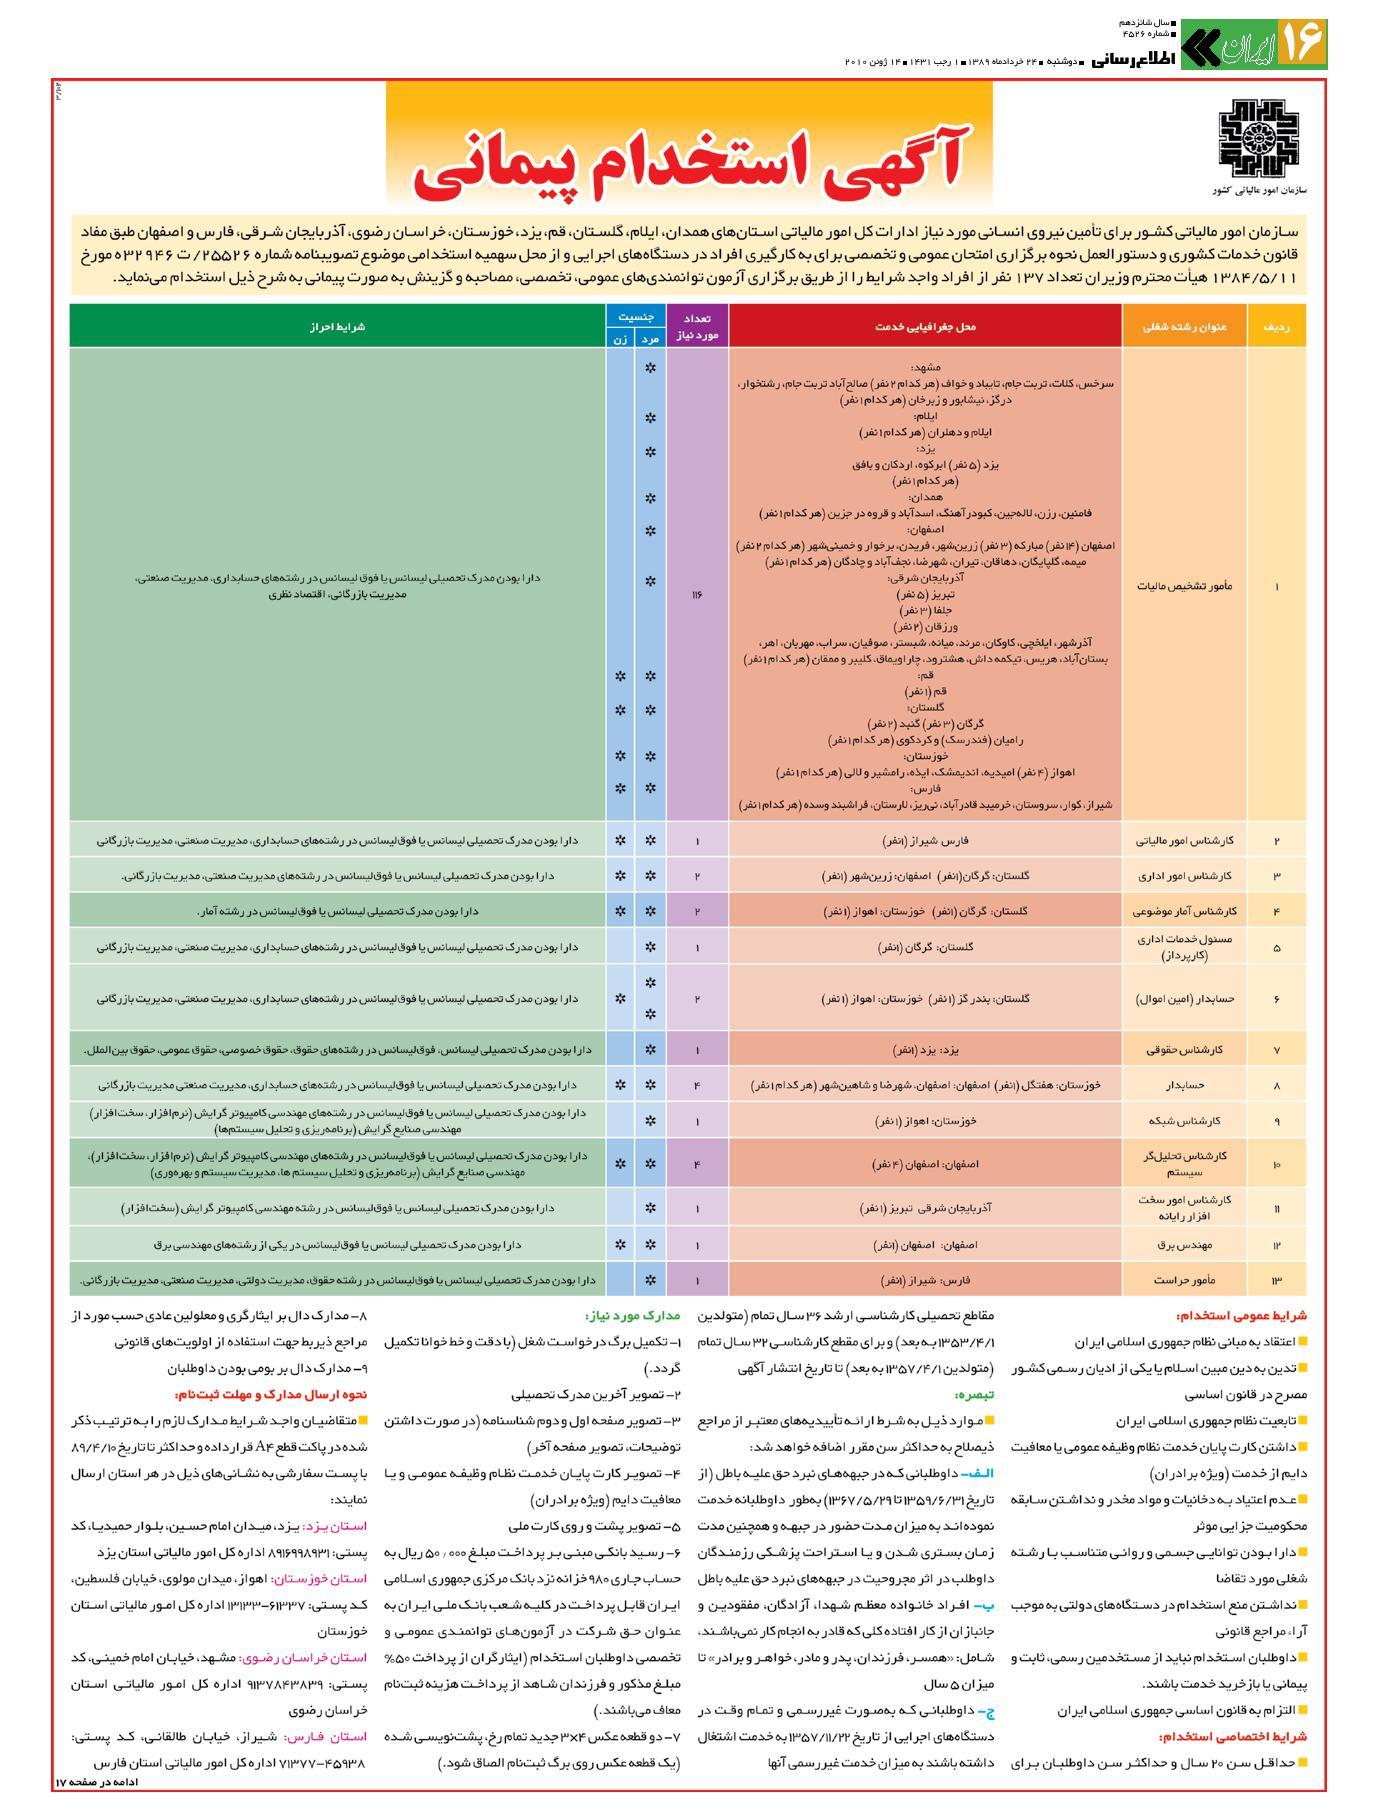 شرایط ثبت نام برای بهیاری شیراز95 استخدام سال92 | آزمون | استخدام بانک | رسمی و پیمانی ...